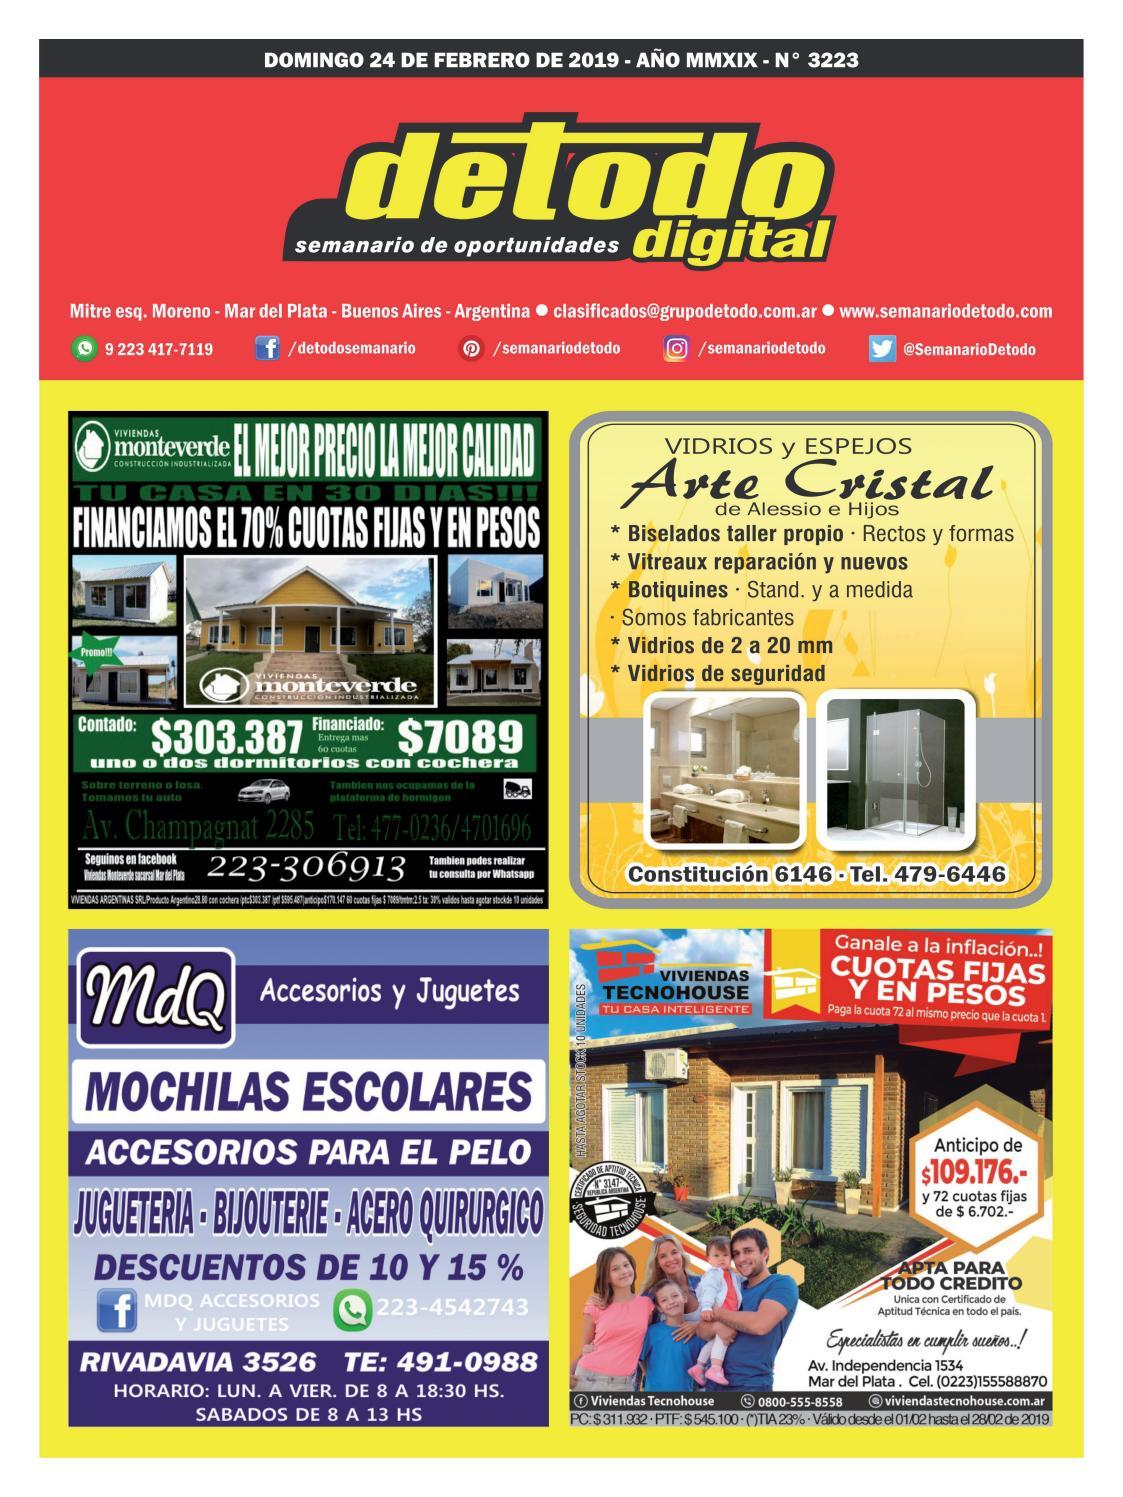 07aaf2c63f1a Semanario Detodo - Edición N° 3223 - 24 02 2019 by Semanario Detodo - issuu